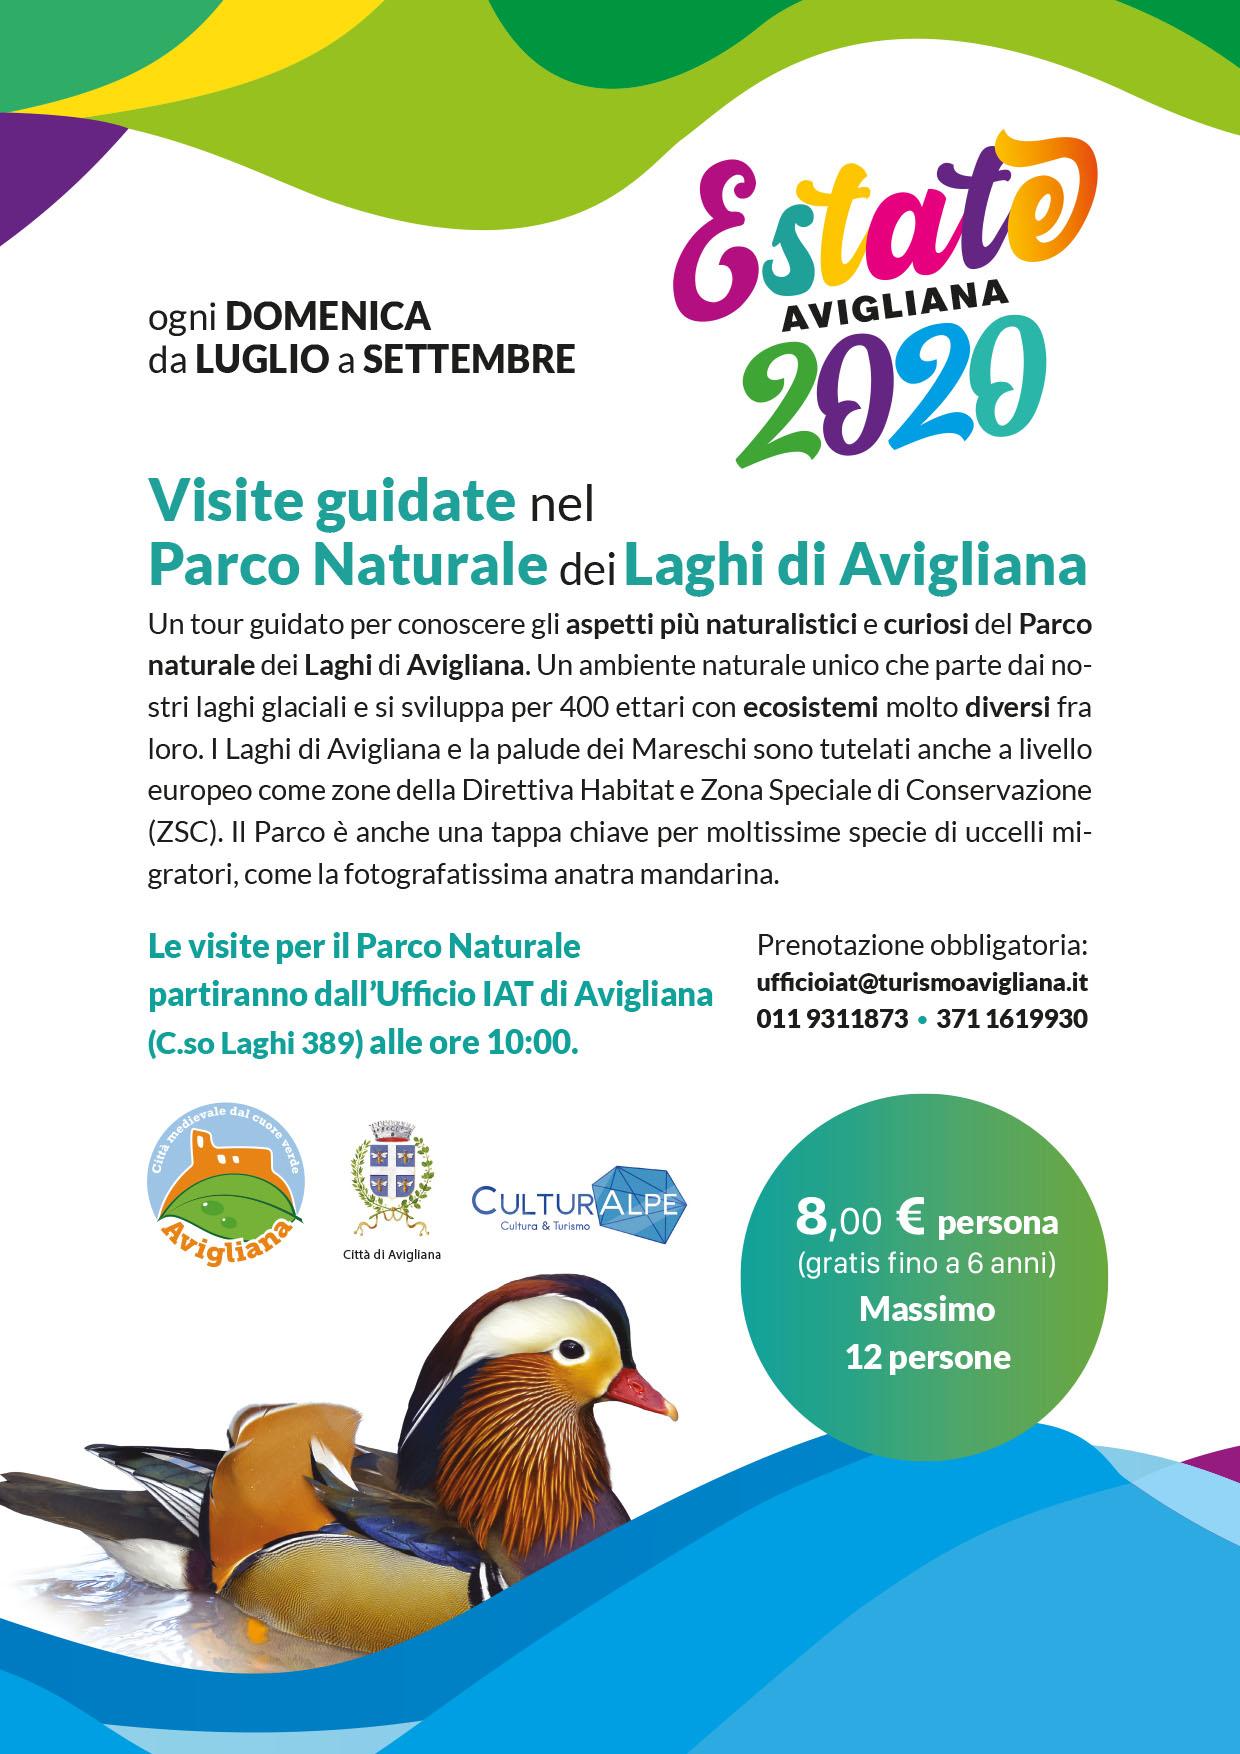 Estate 2020_Tour_Parco_Naturale_Laghi_Avigliana